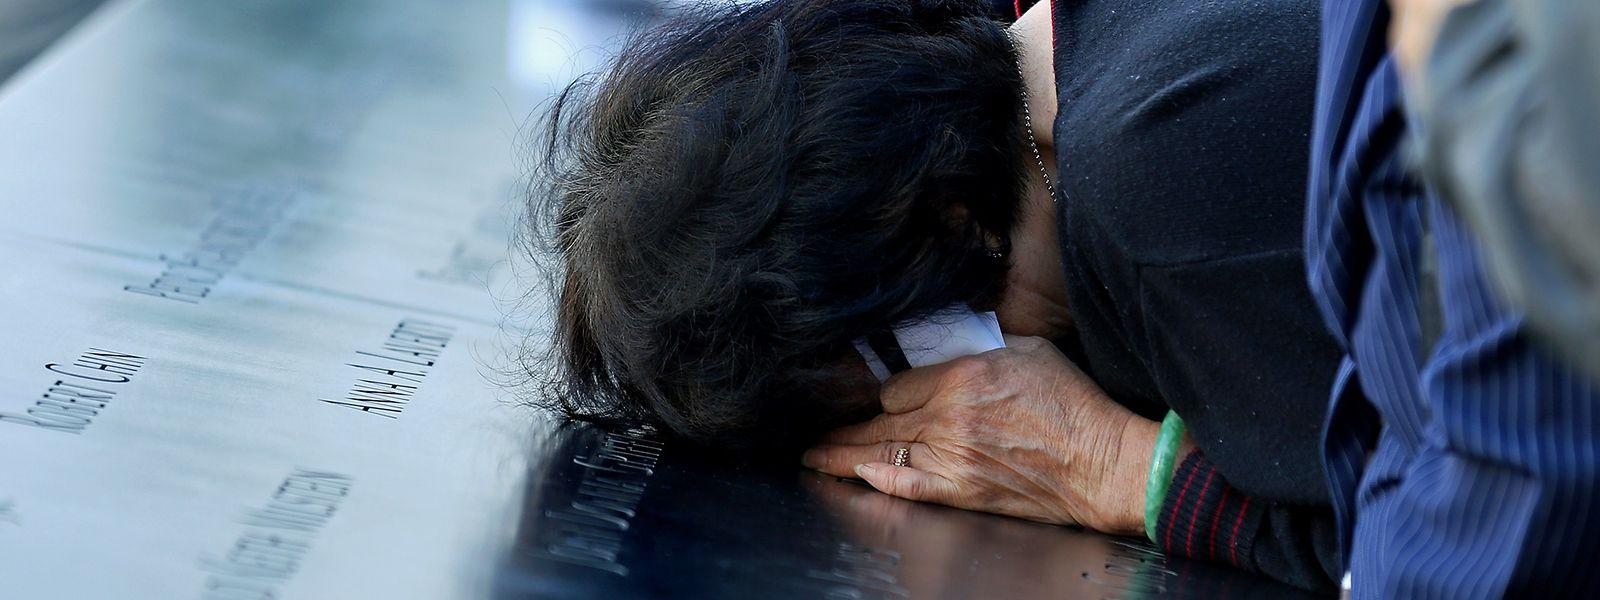 Il y a 19 ans, 3.000 personnes ont perdu la vie dans les attentats du World Trade Center.